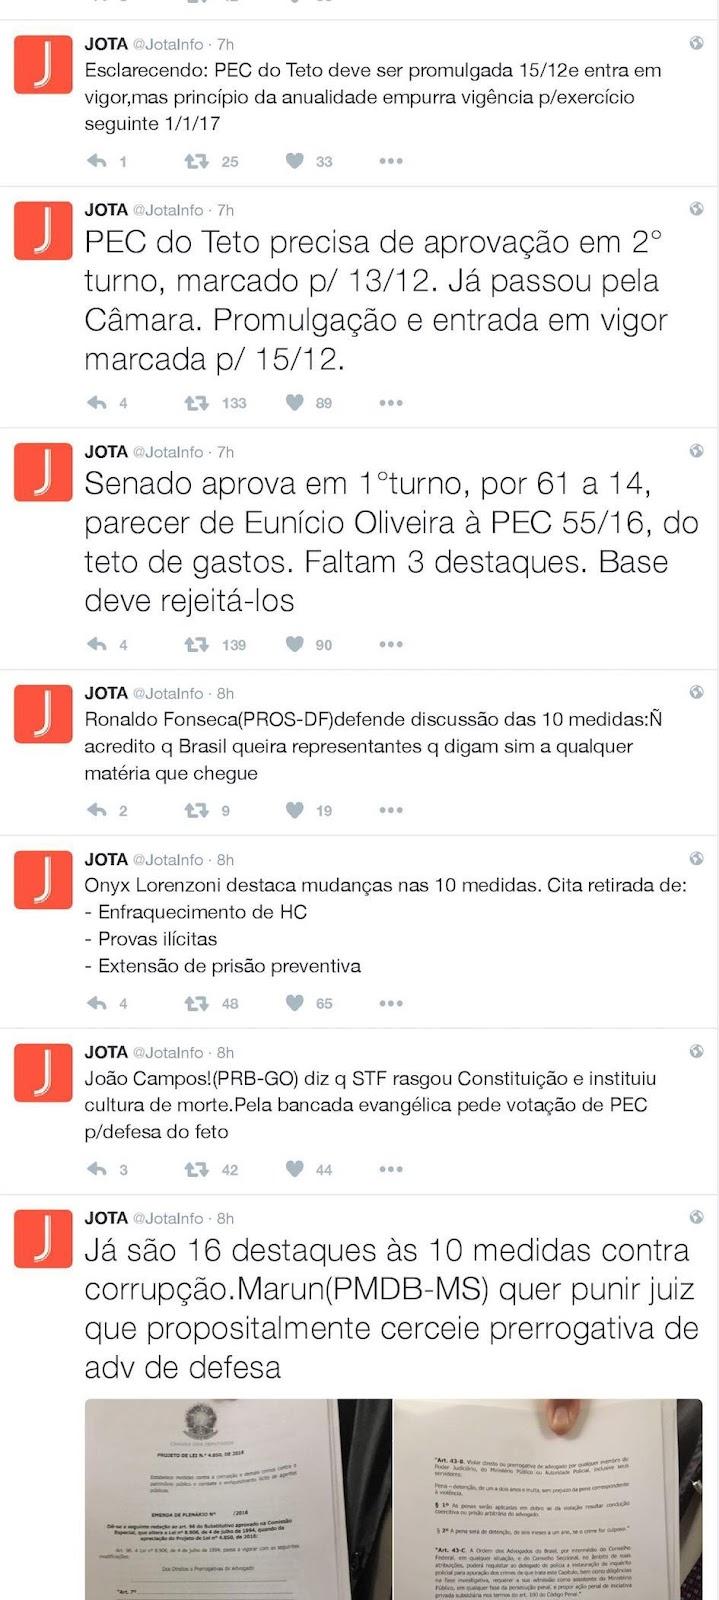 /Users/romulosoaresbrillo/Desktop/JOTA (@JotaInfo) | Twitter/JOTA (@JotaInfo) | Twitter_000010.jpg